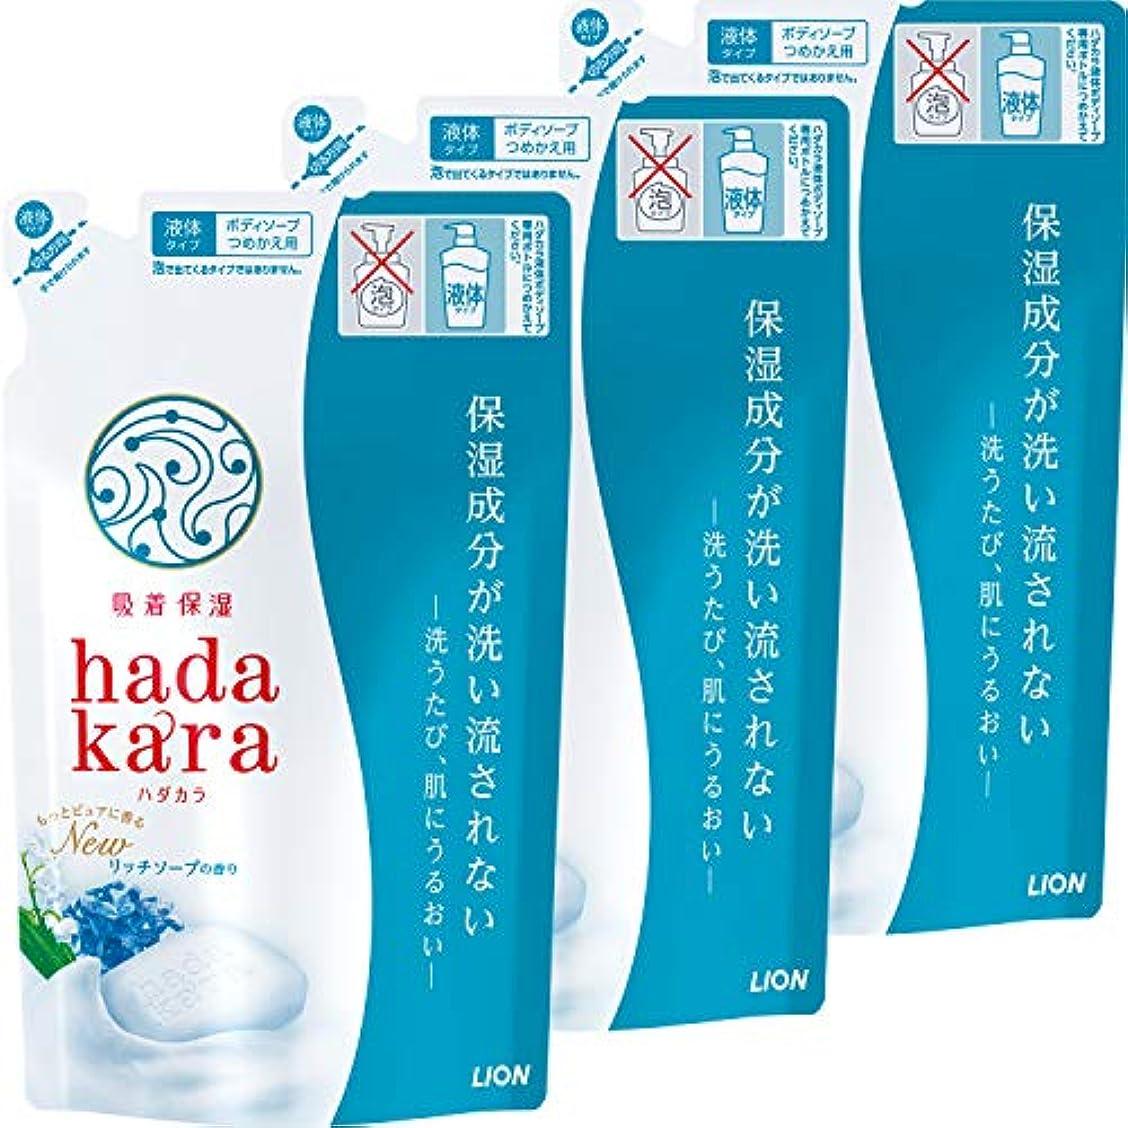 推定するはげインチhadakara(ハダカラ) ボディソープ リッチソープの香り つめかえ360ml×3個 詰替え用